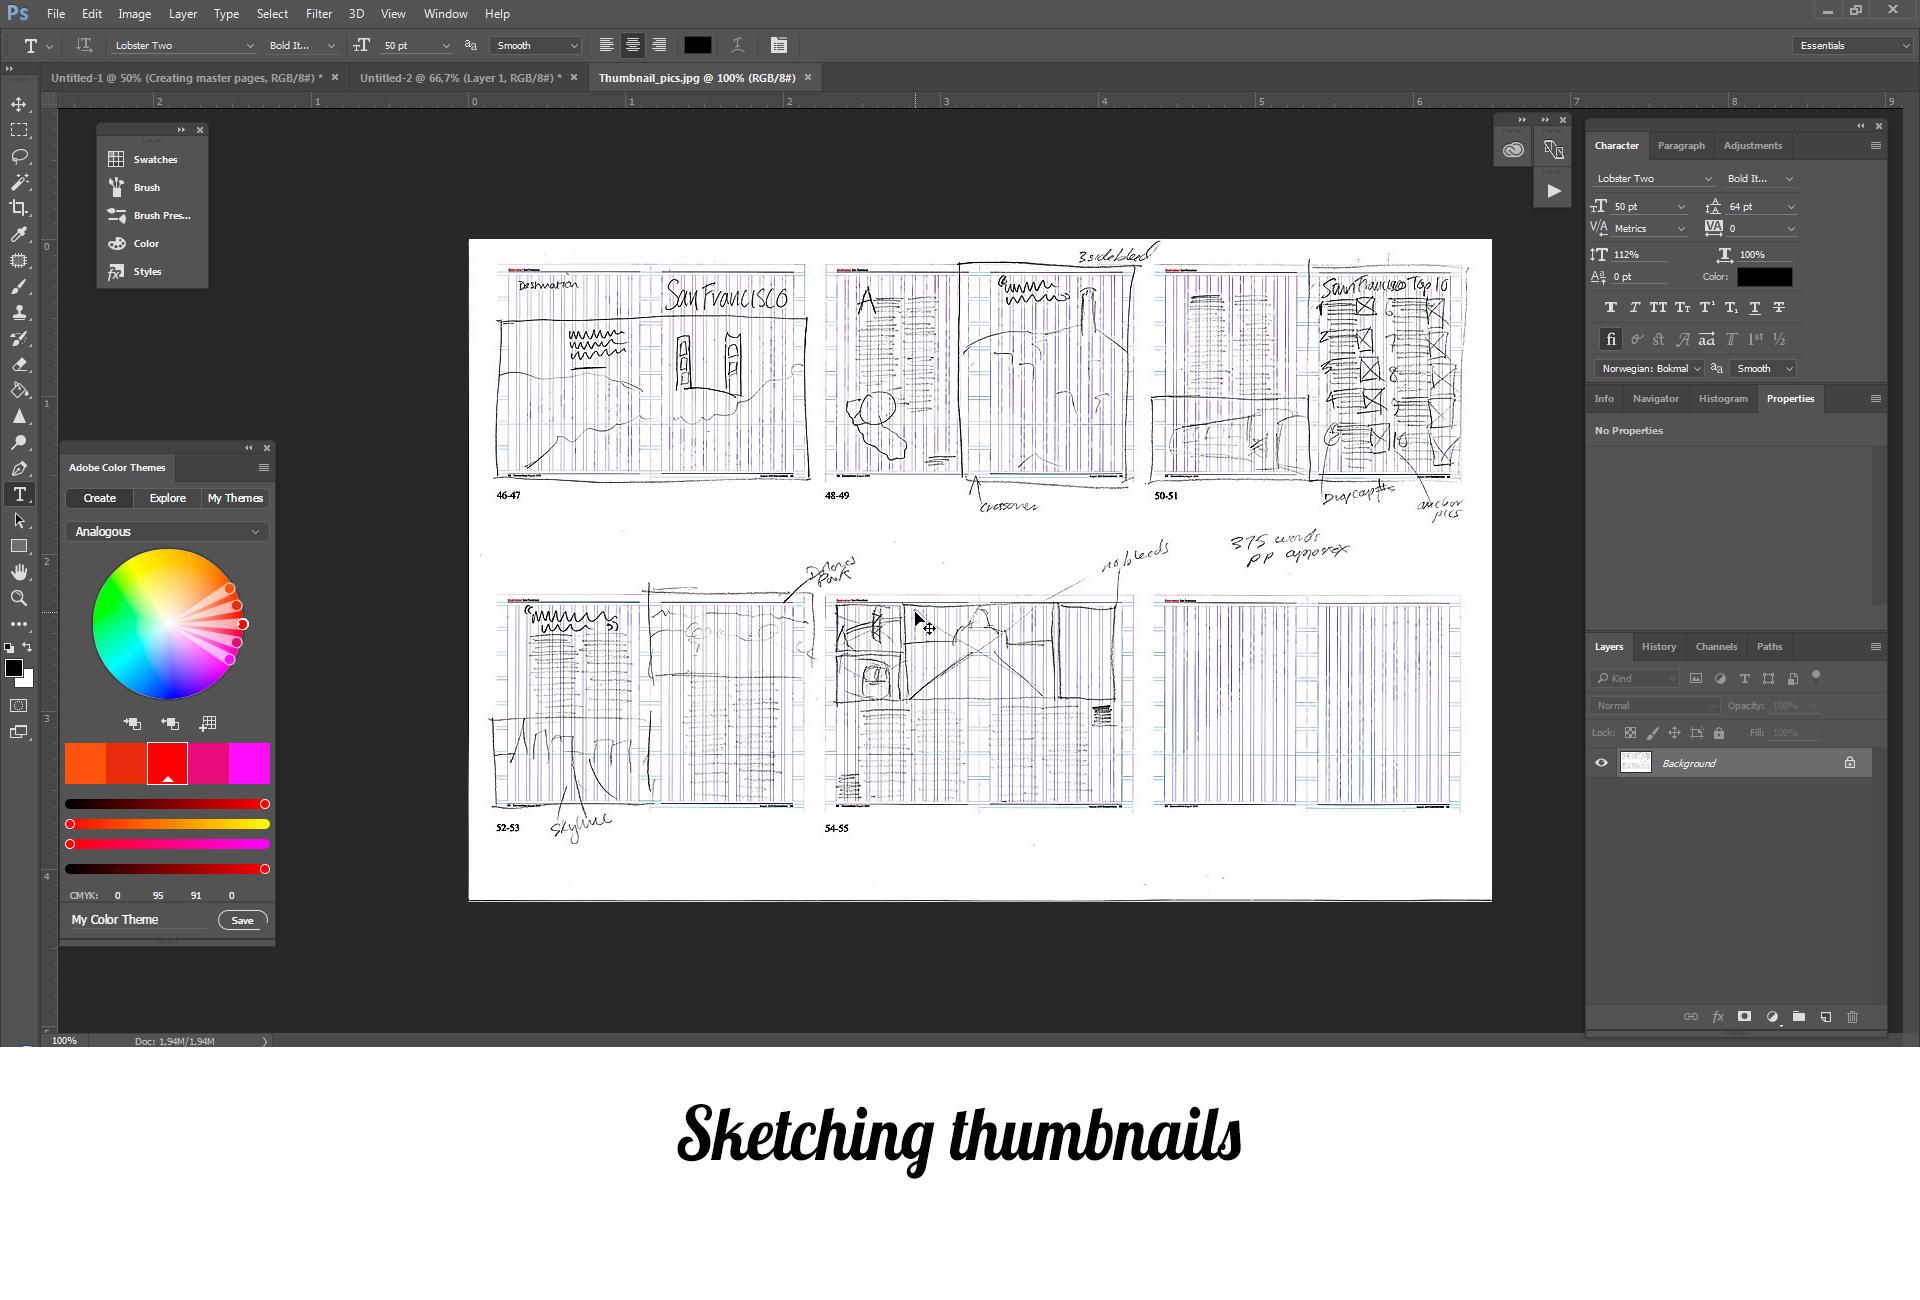 sketching-thumbnails